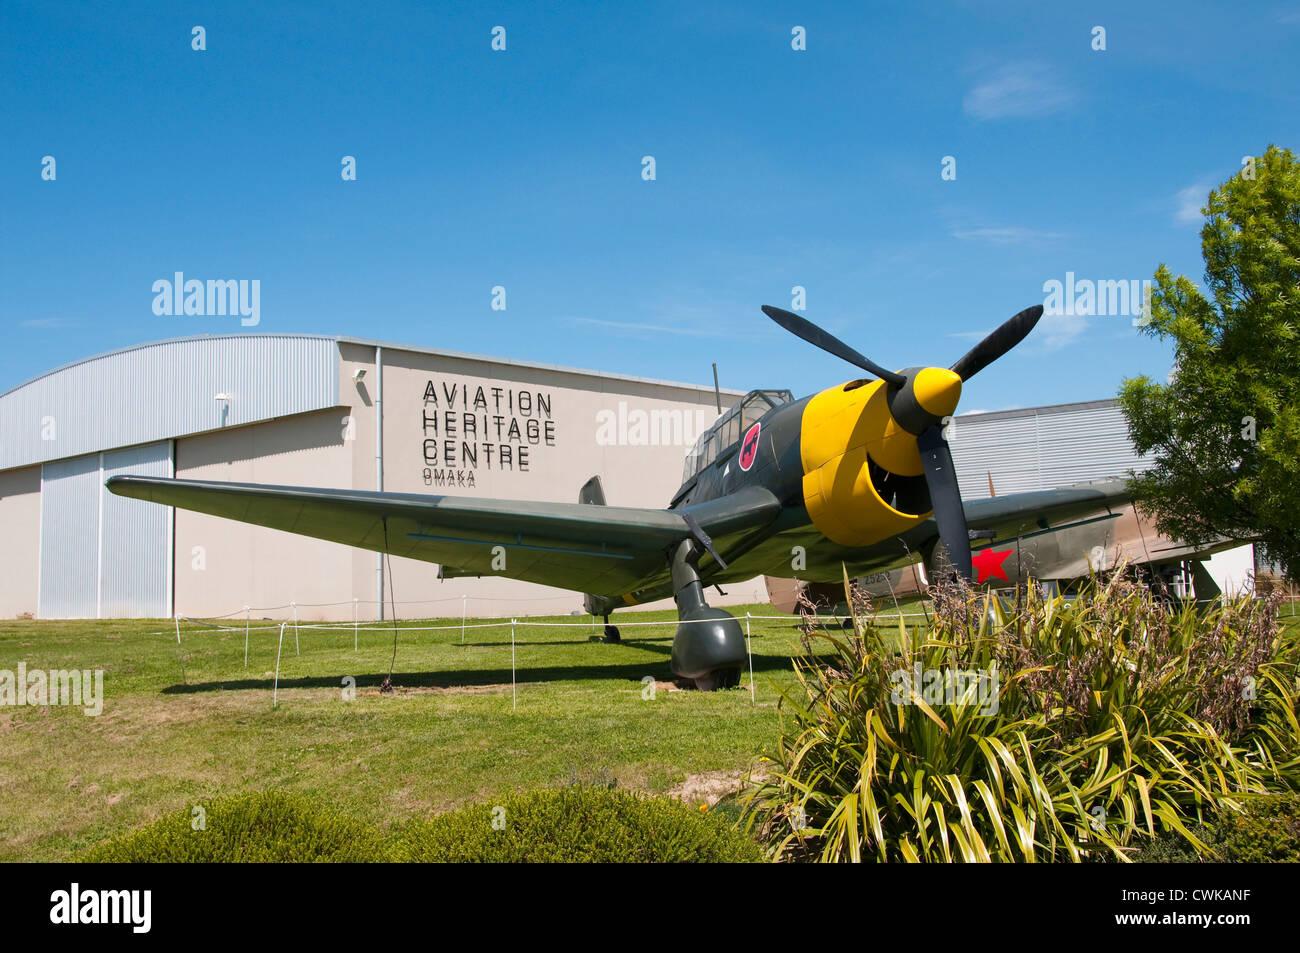 New Zealand, South Island, Marlborough, exhibitis at Omaka Aviation Heritage Centre, celebrating WWI aerial combat - Stock Image